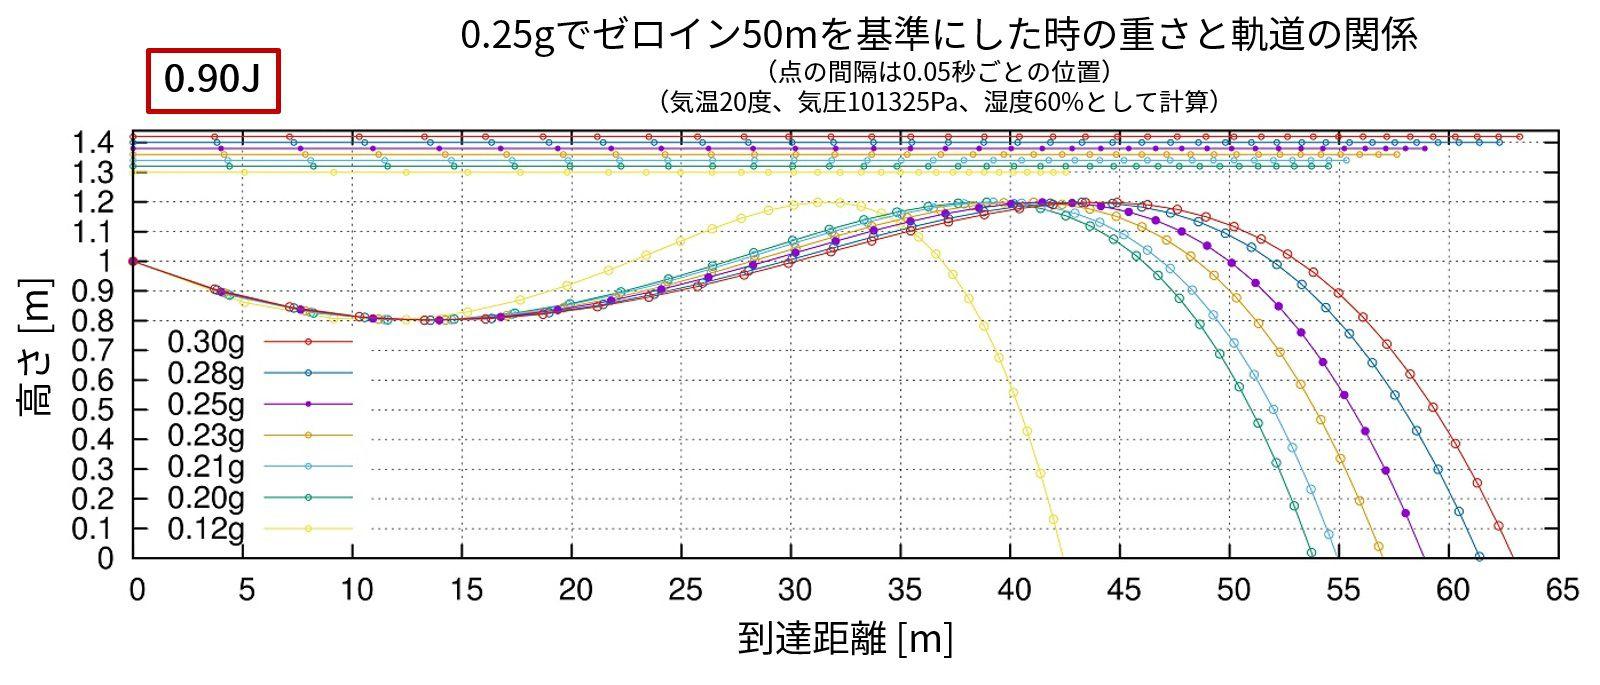 重さと軌道の関係_c